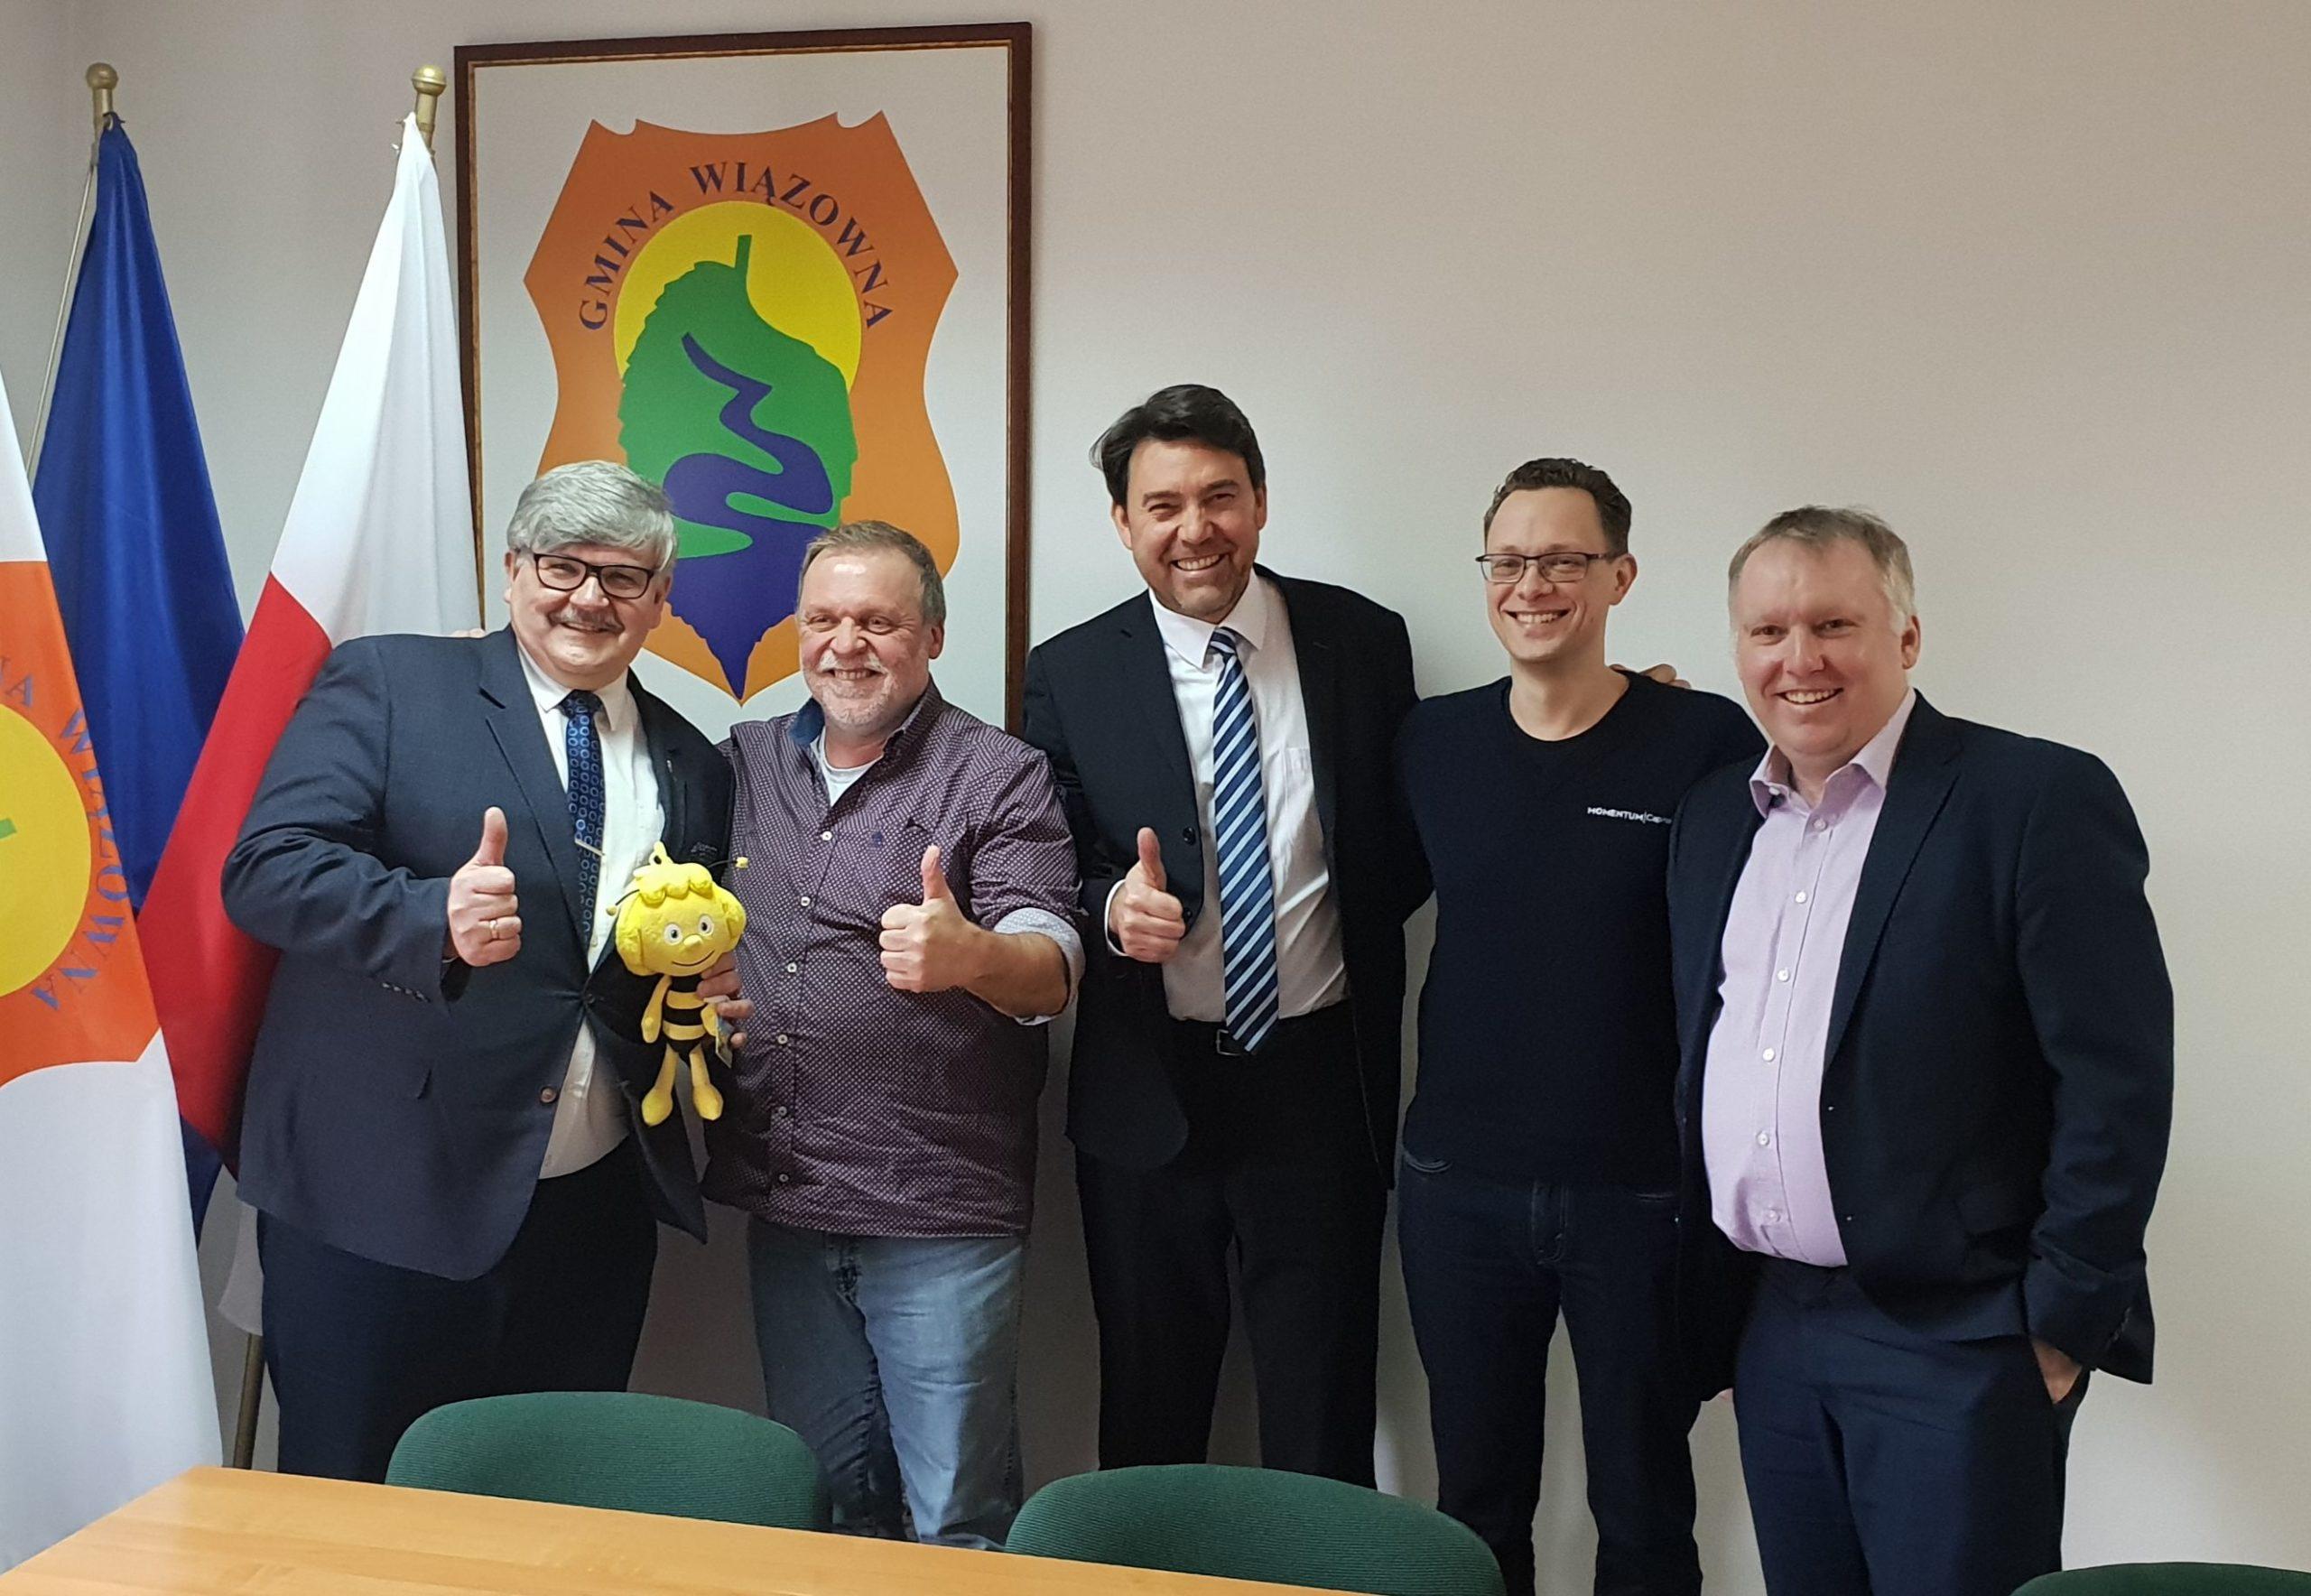 Wójt Gminy Wiązowna Janusz Budny wraz z przedstawicielami inwestorów na pierwszym spotkaniu na temat budowy parku w Góraszce